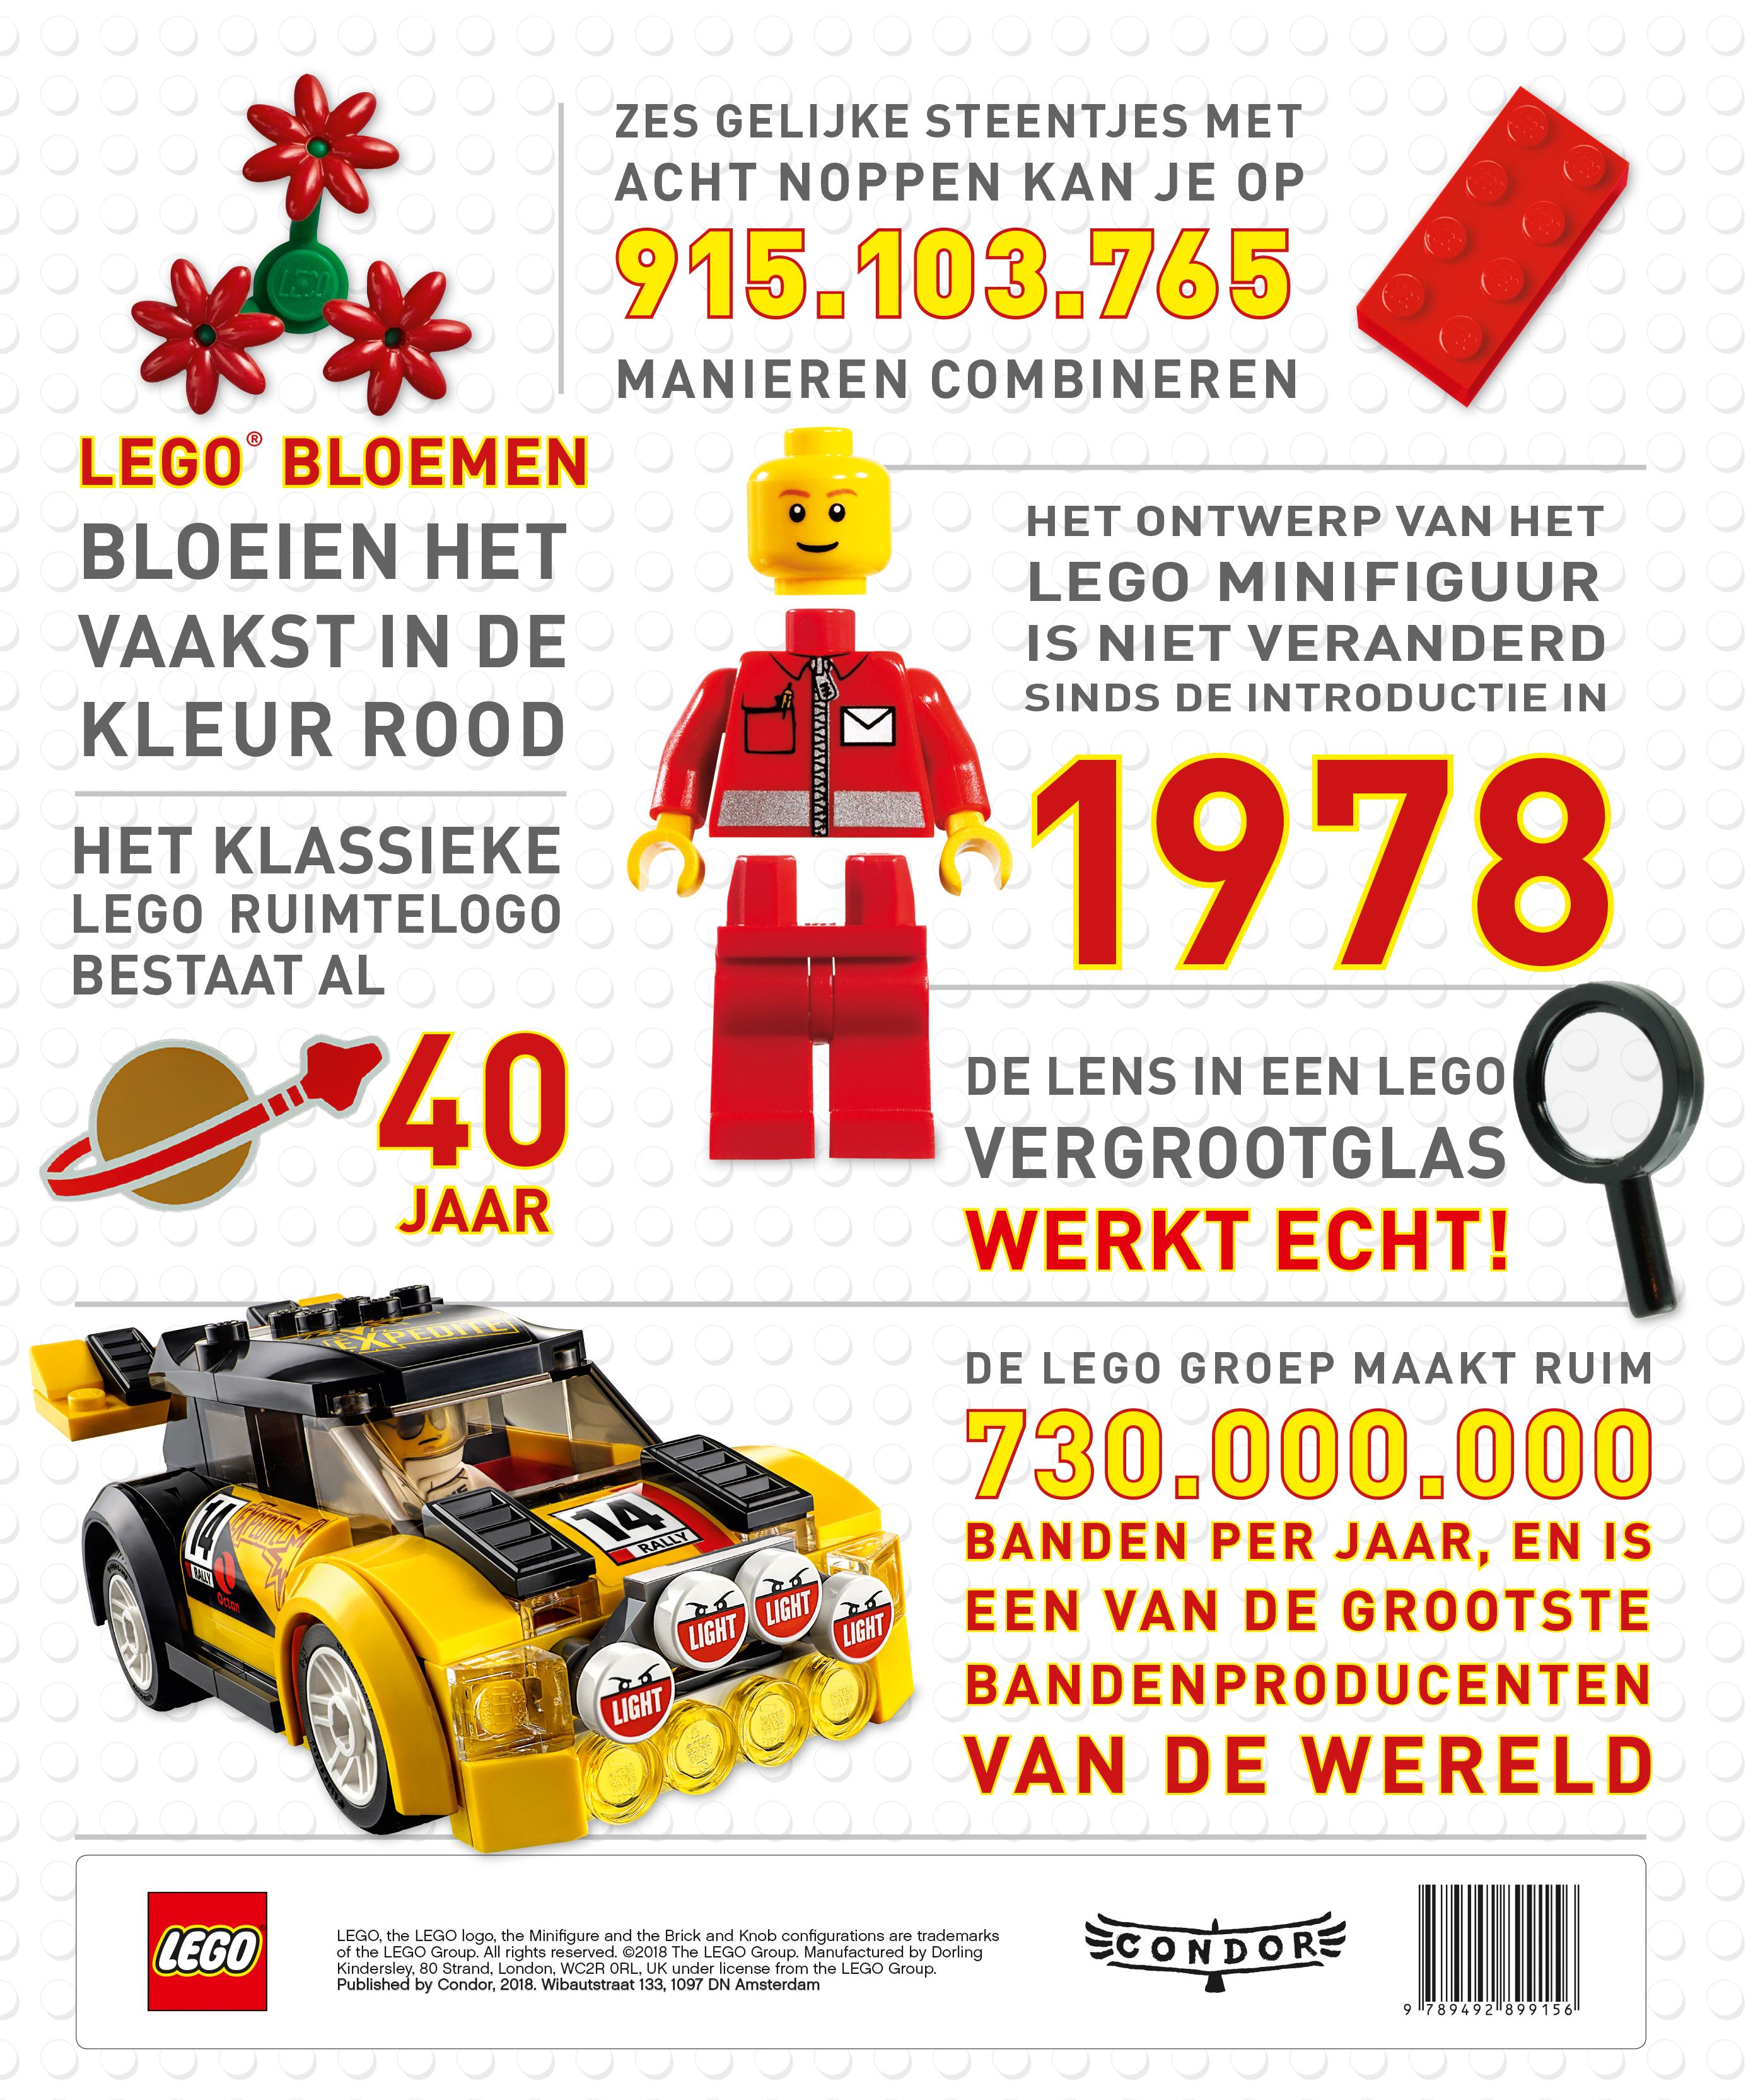 LEGO – Echt alles wat je zou moeten weten